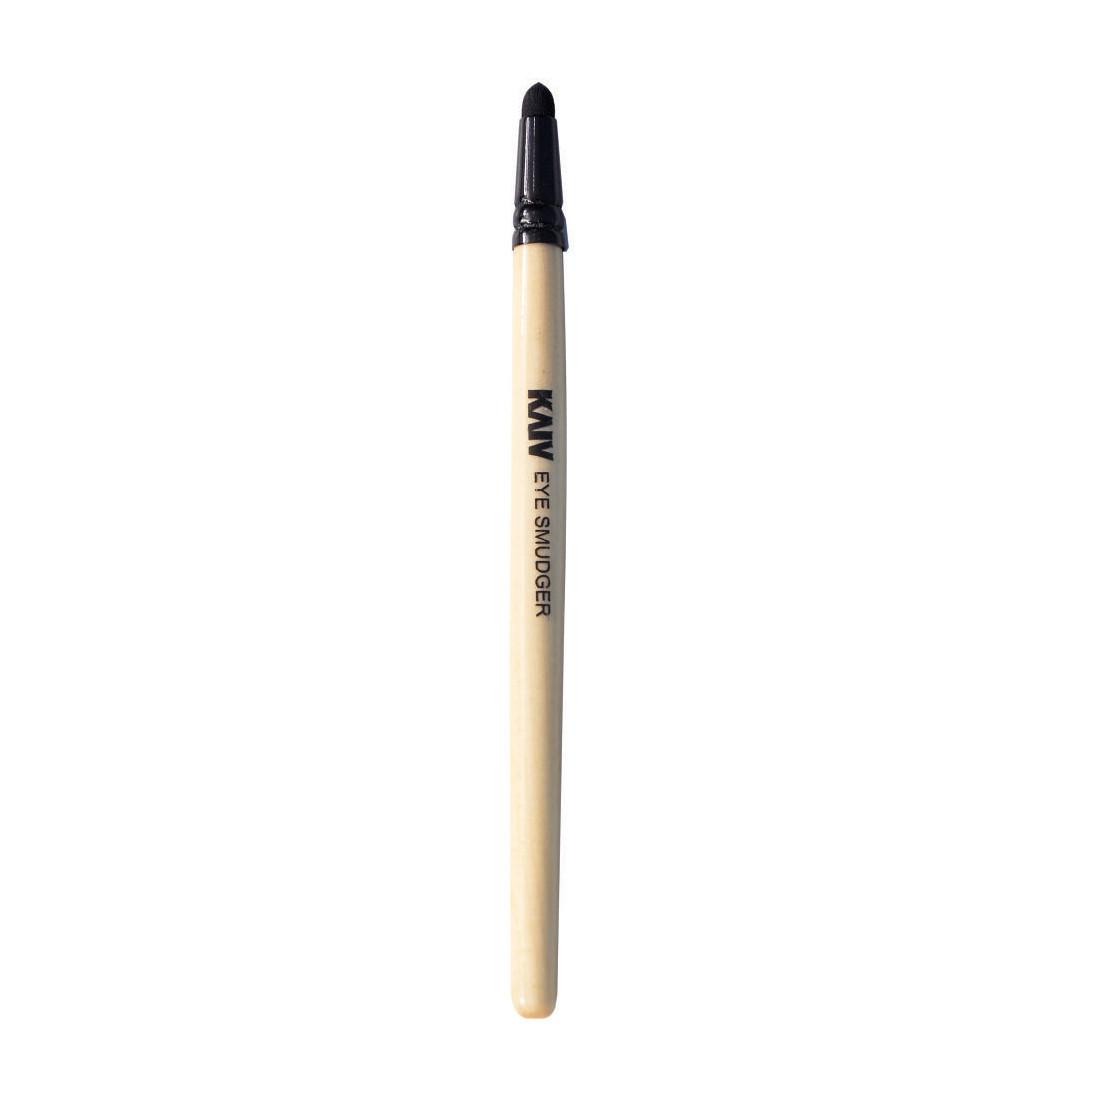 Kaiv Eye Smudger Brush (Pack of 1)